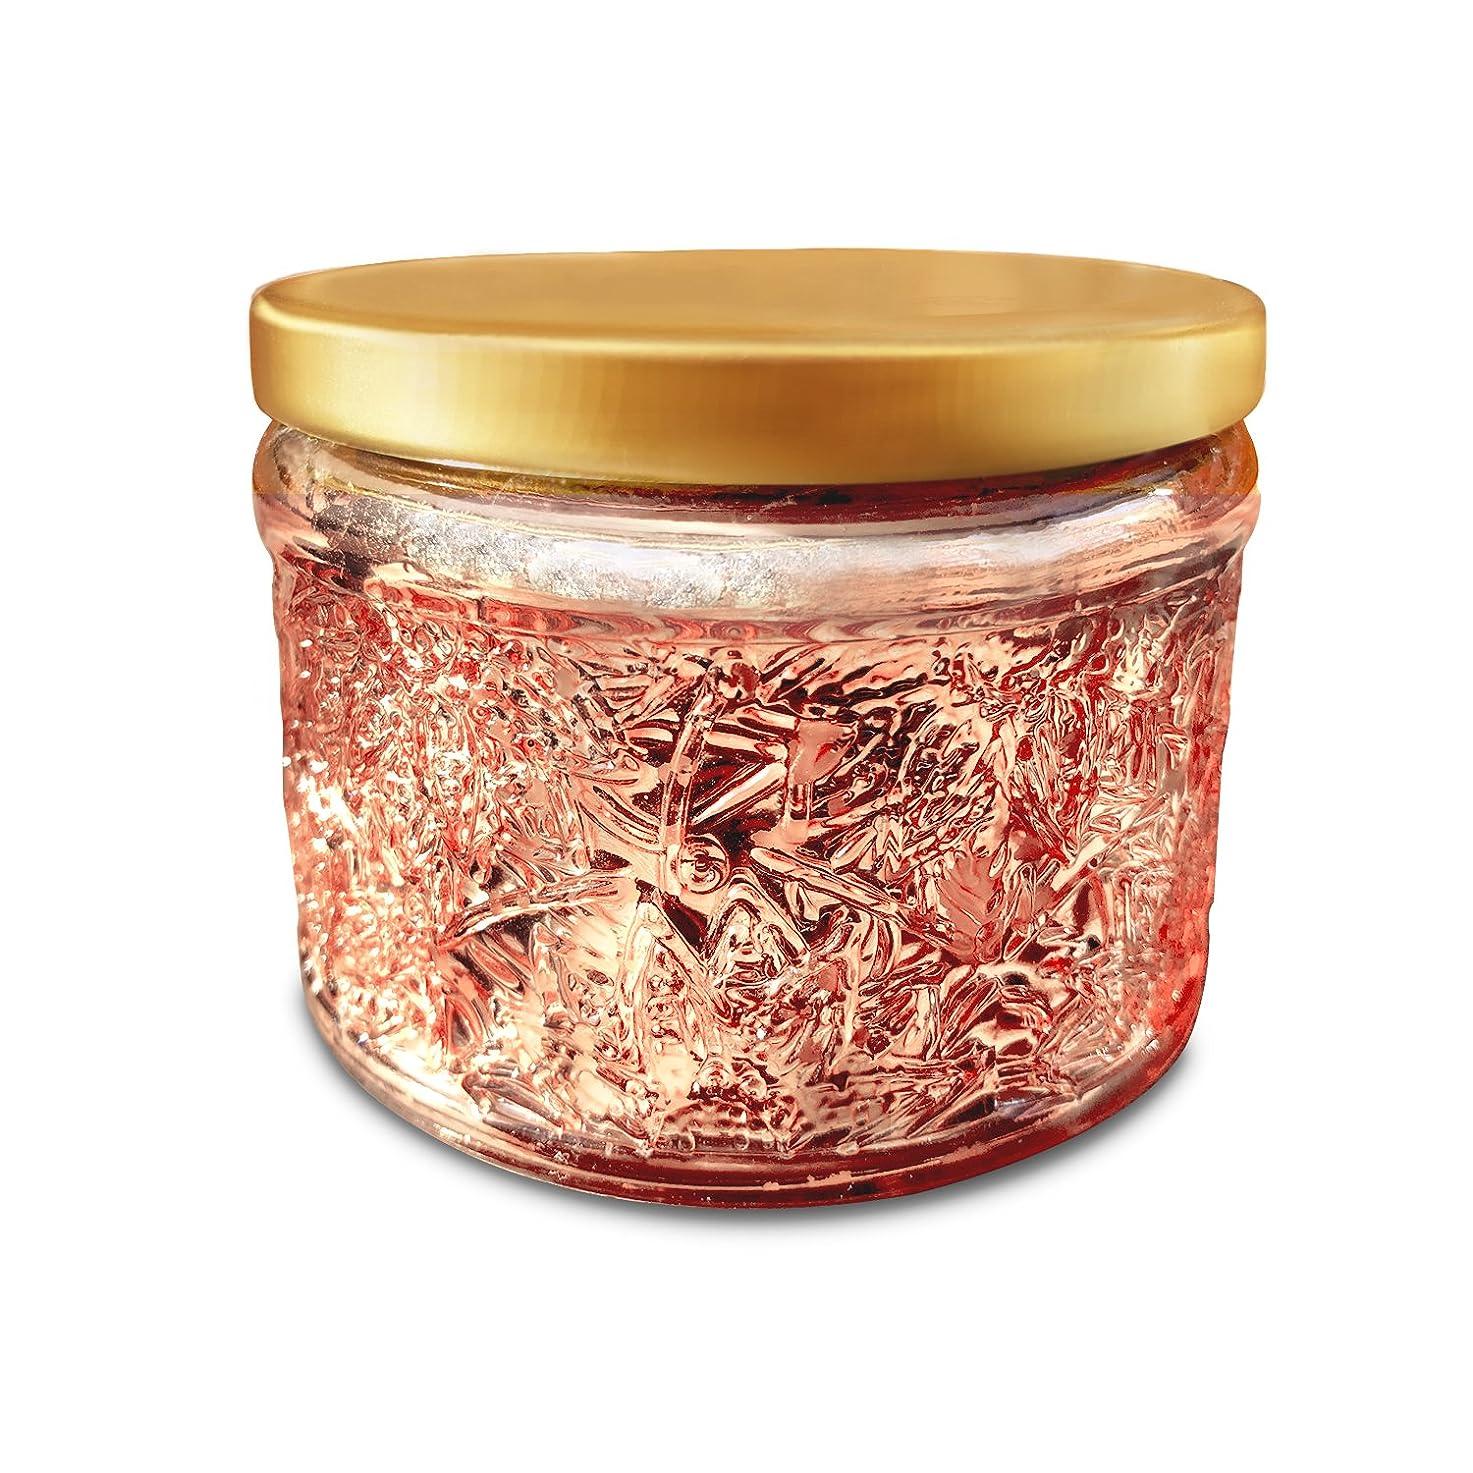 警察セラー感動するFruit Scented Candle,220 g, 25 h Hours burn, Soy and Coconut Wax, Natural Essential Oil